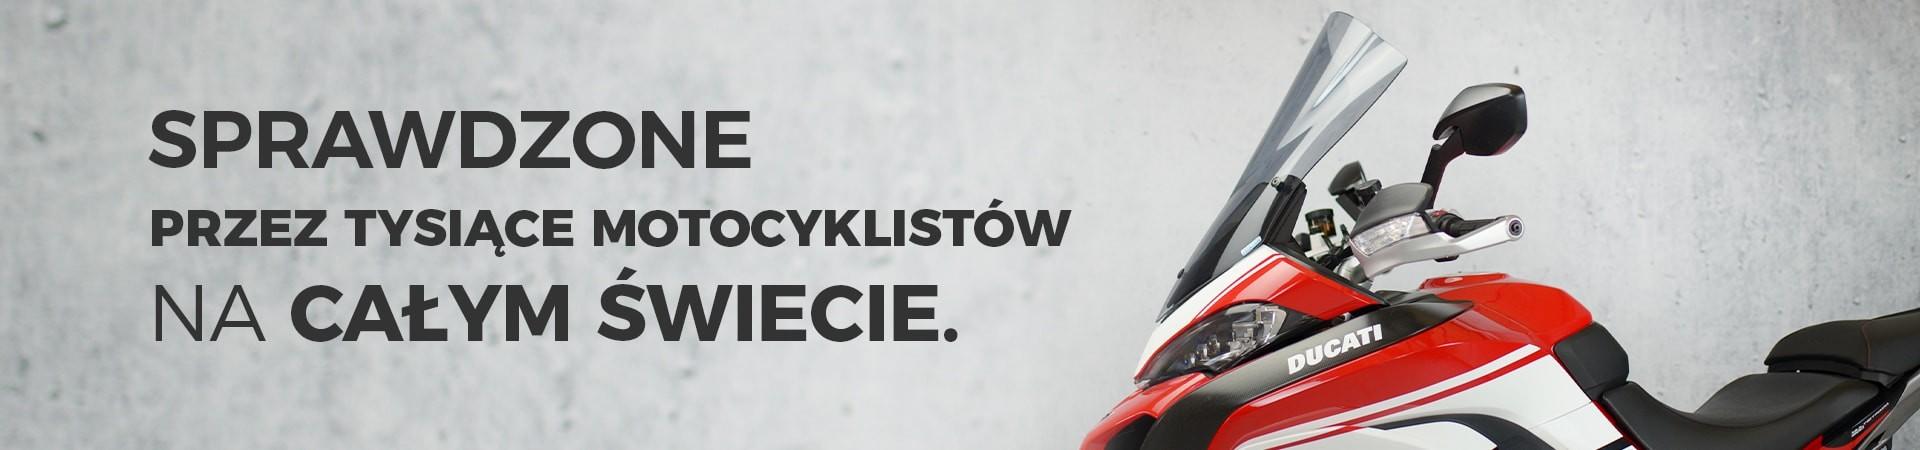 Sprawdzone przez Tysiące motocyklistów na całym świecie